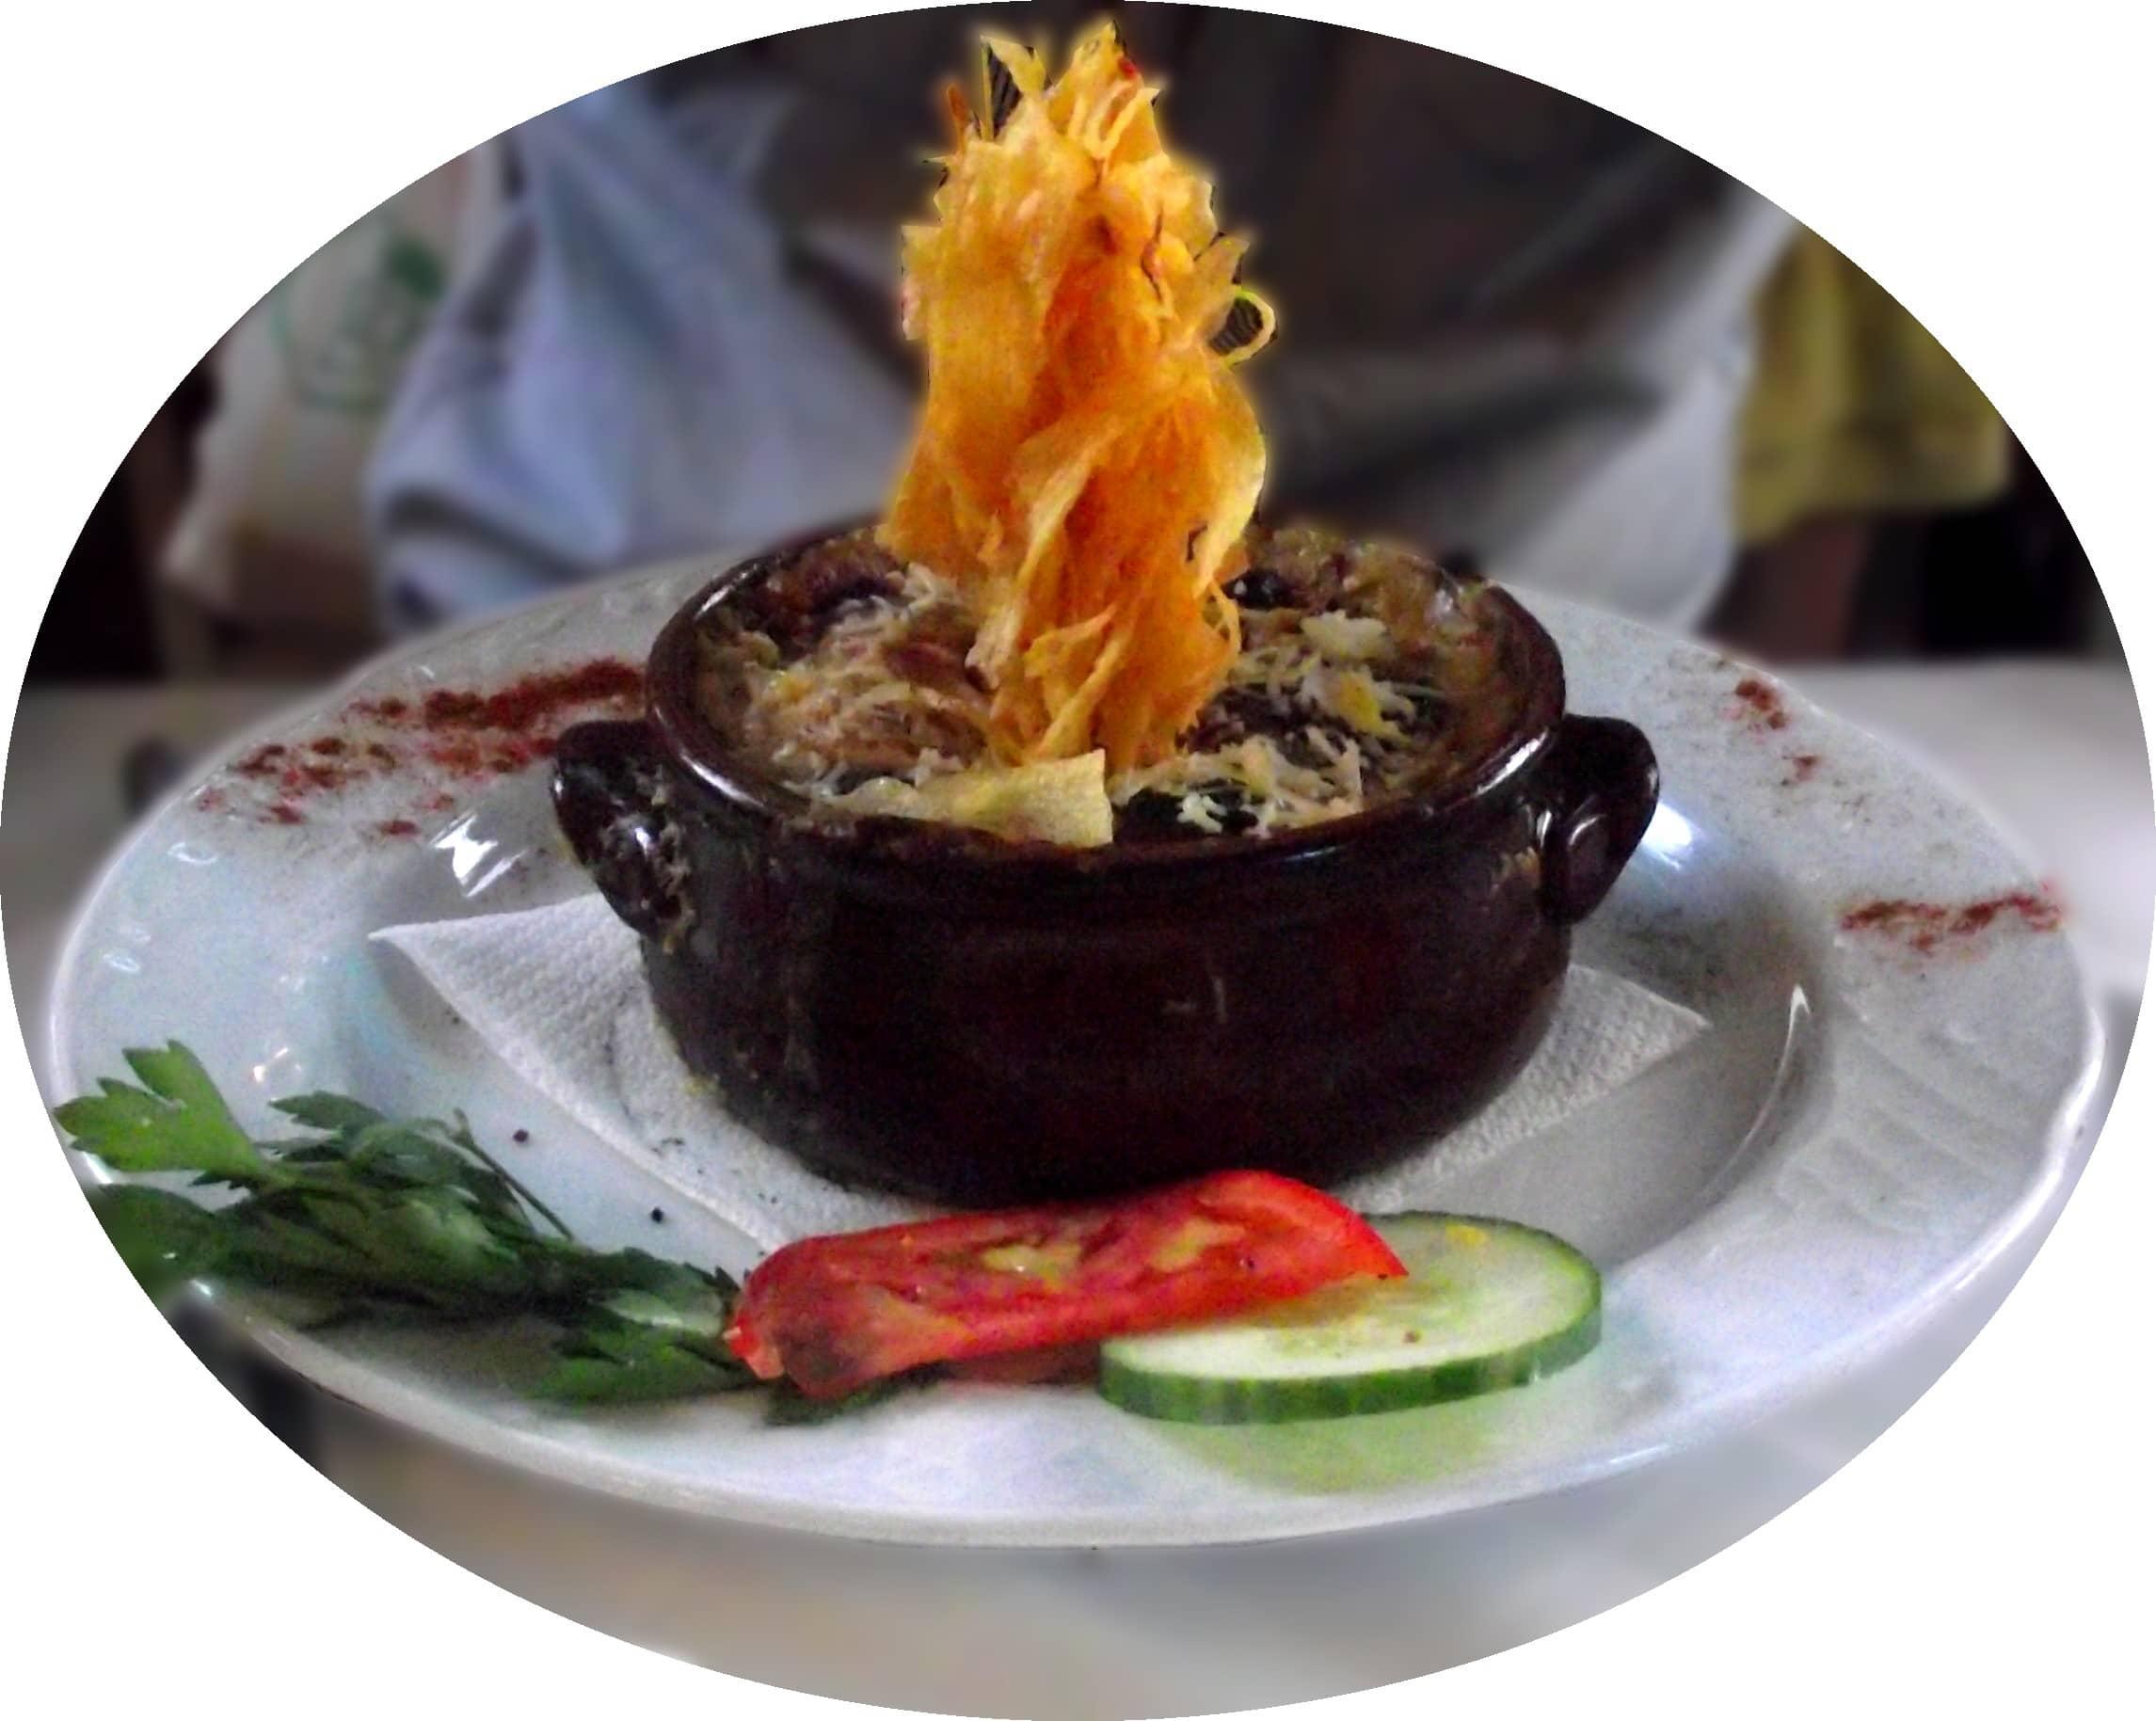 Tourisme gastronomique balade gourmande a athenes 15 for Cuisine grecque